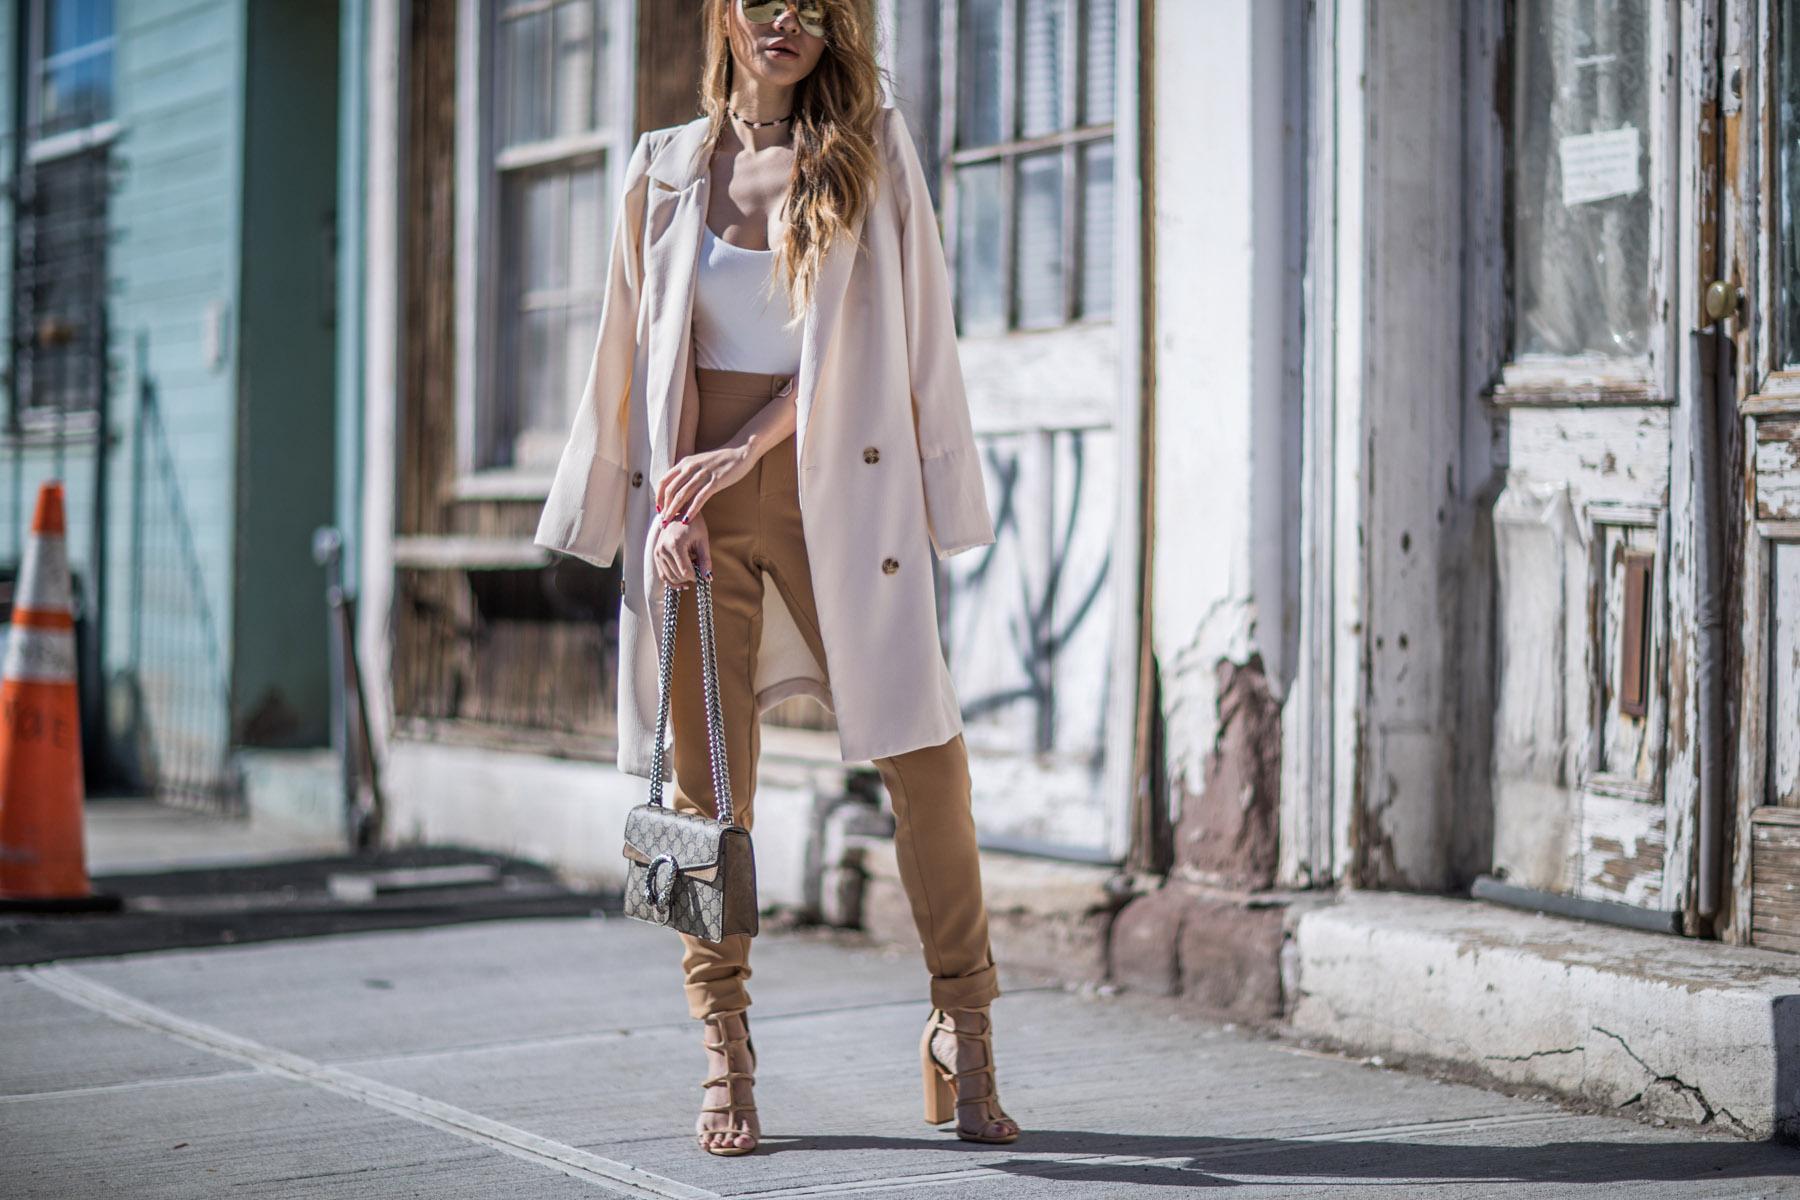 Chicwish 7 Ways to Style a Blazer, summer fashion staples, beige blazer // NotJessFashion.com